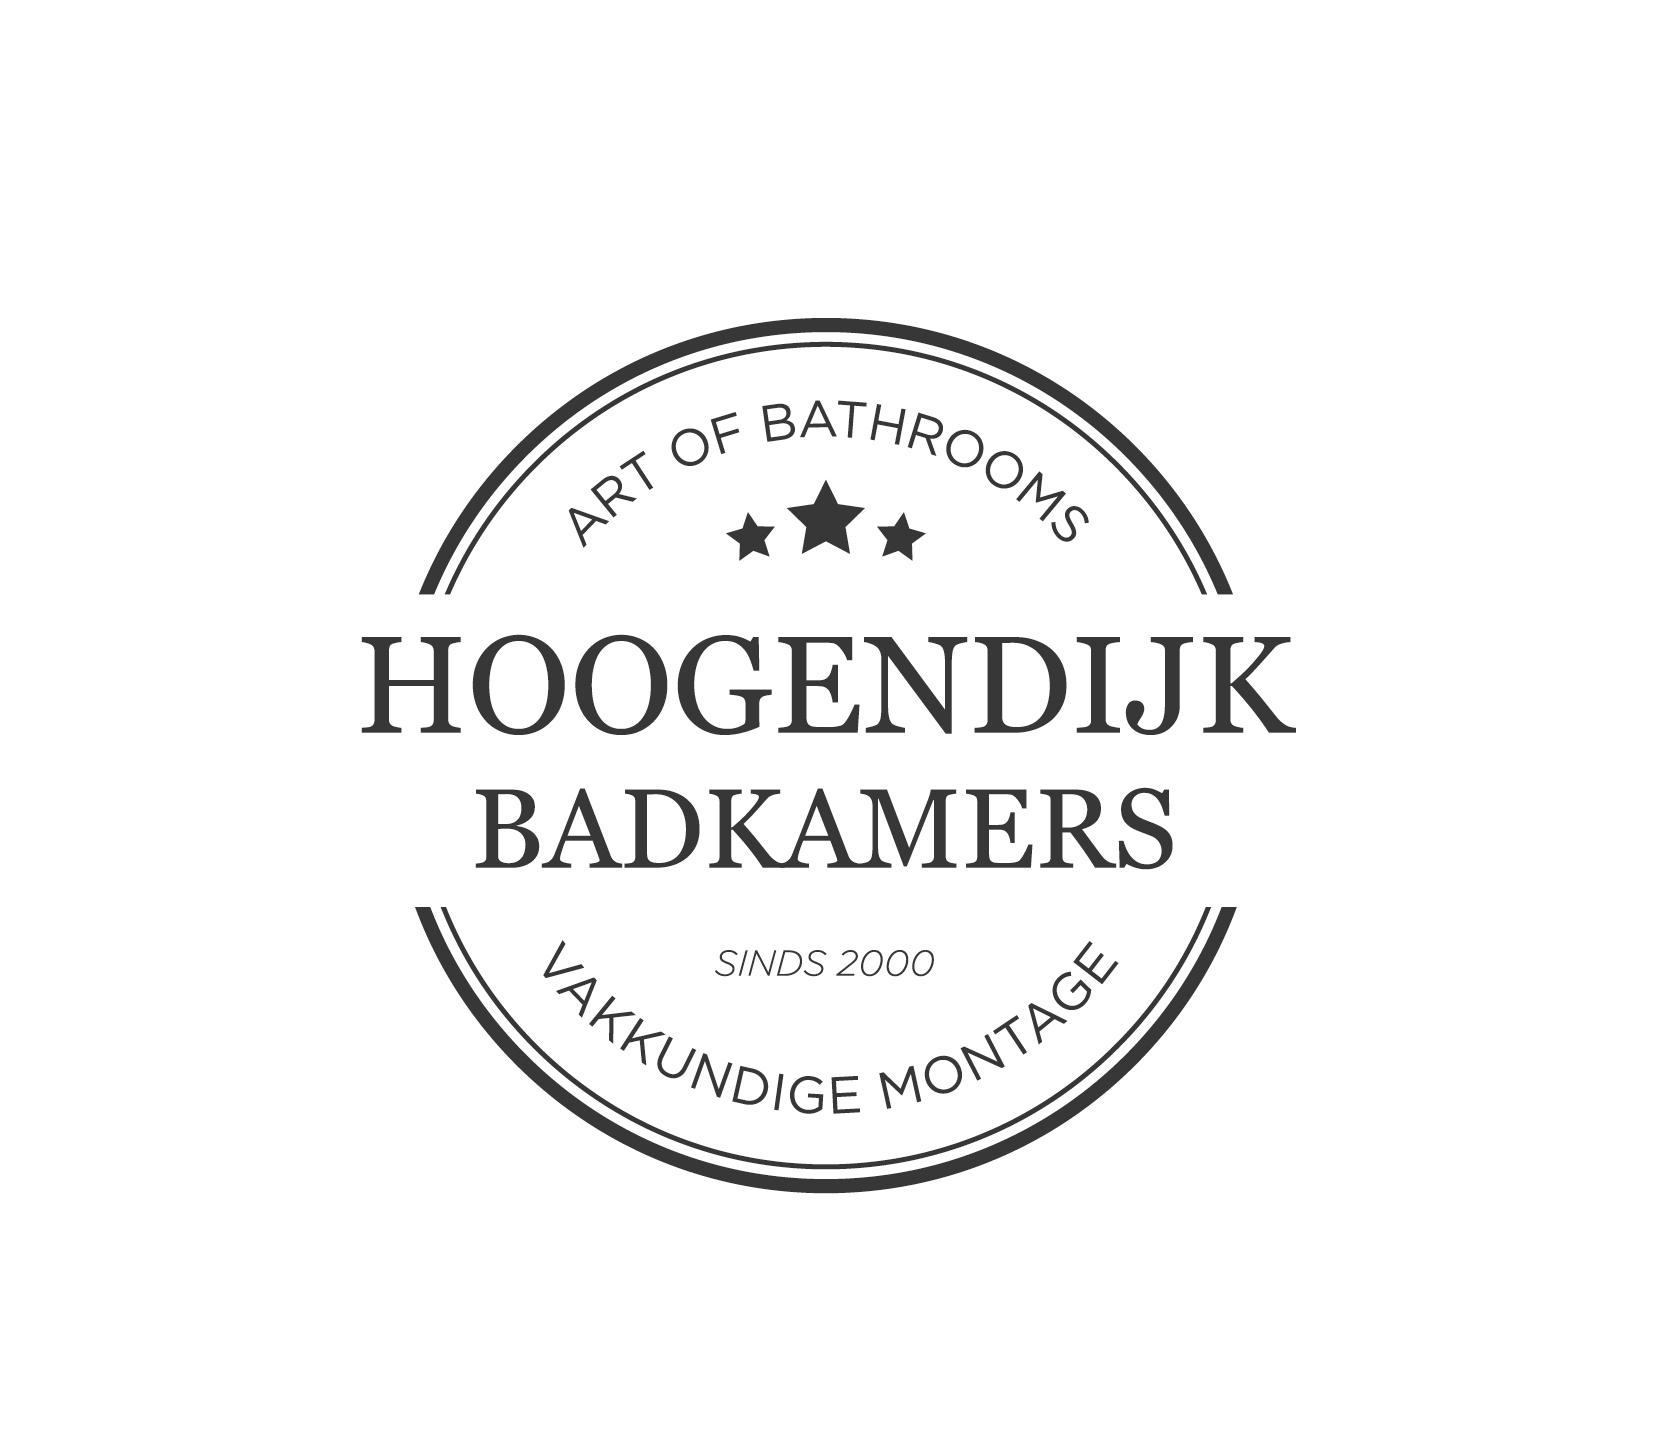 Hoogendijk badkamers